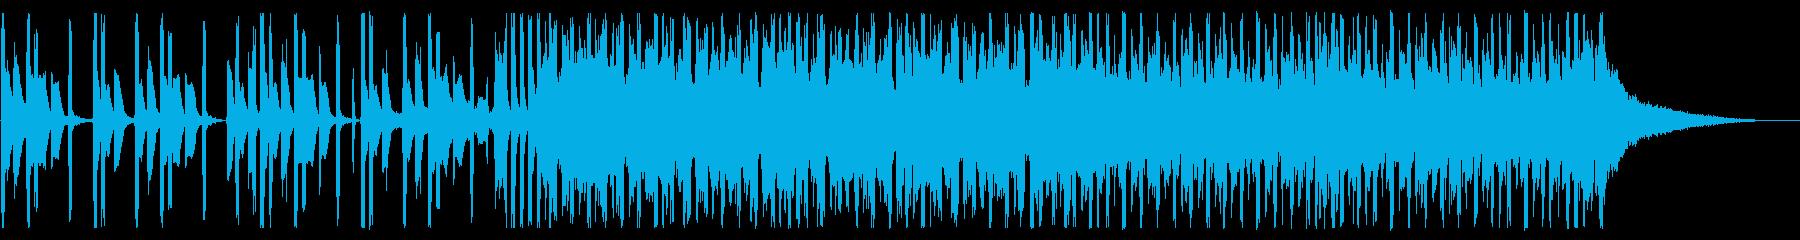 未来を感じる80年代エレクトロ_3の再生済みの波形